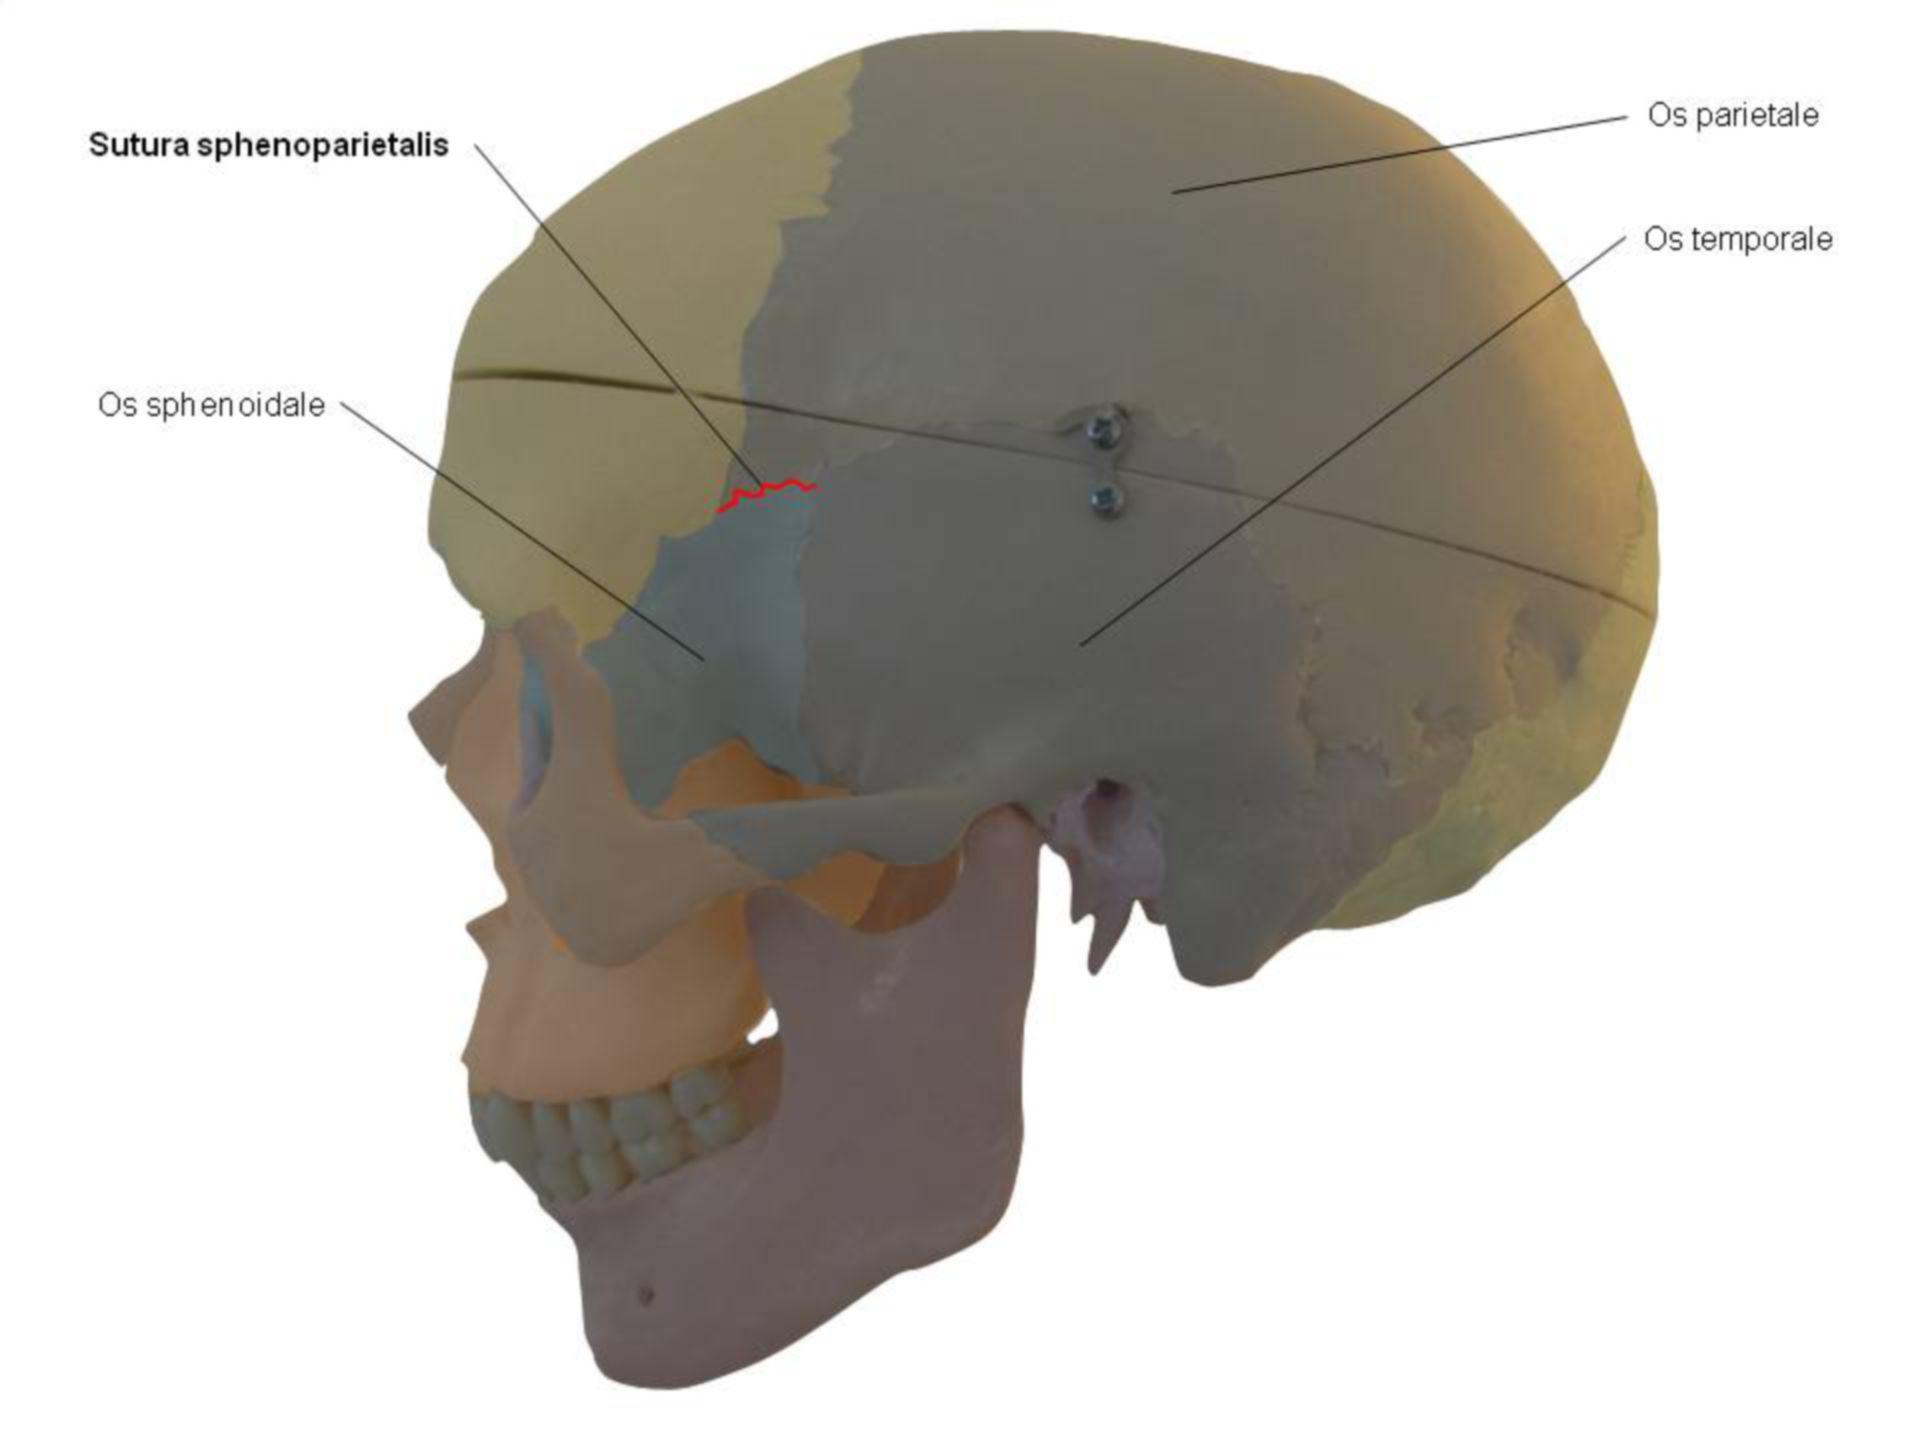 Sutura esfenoparietal